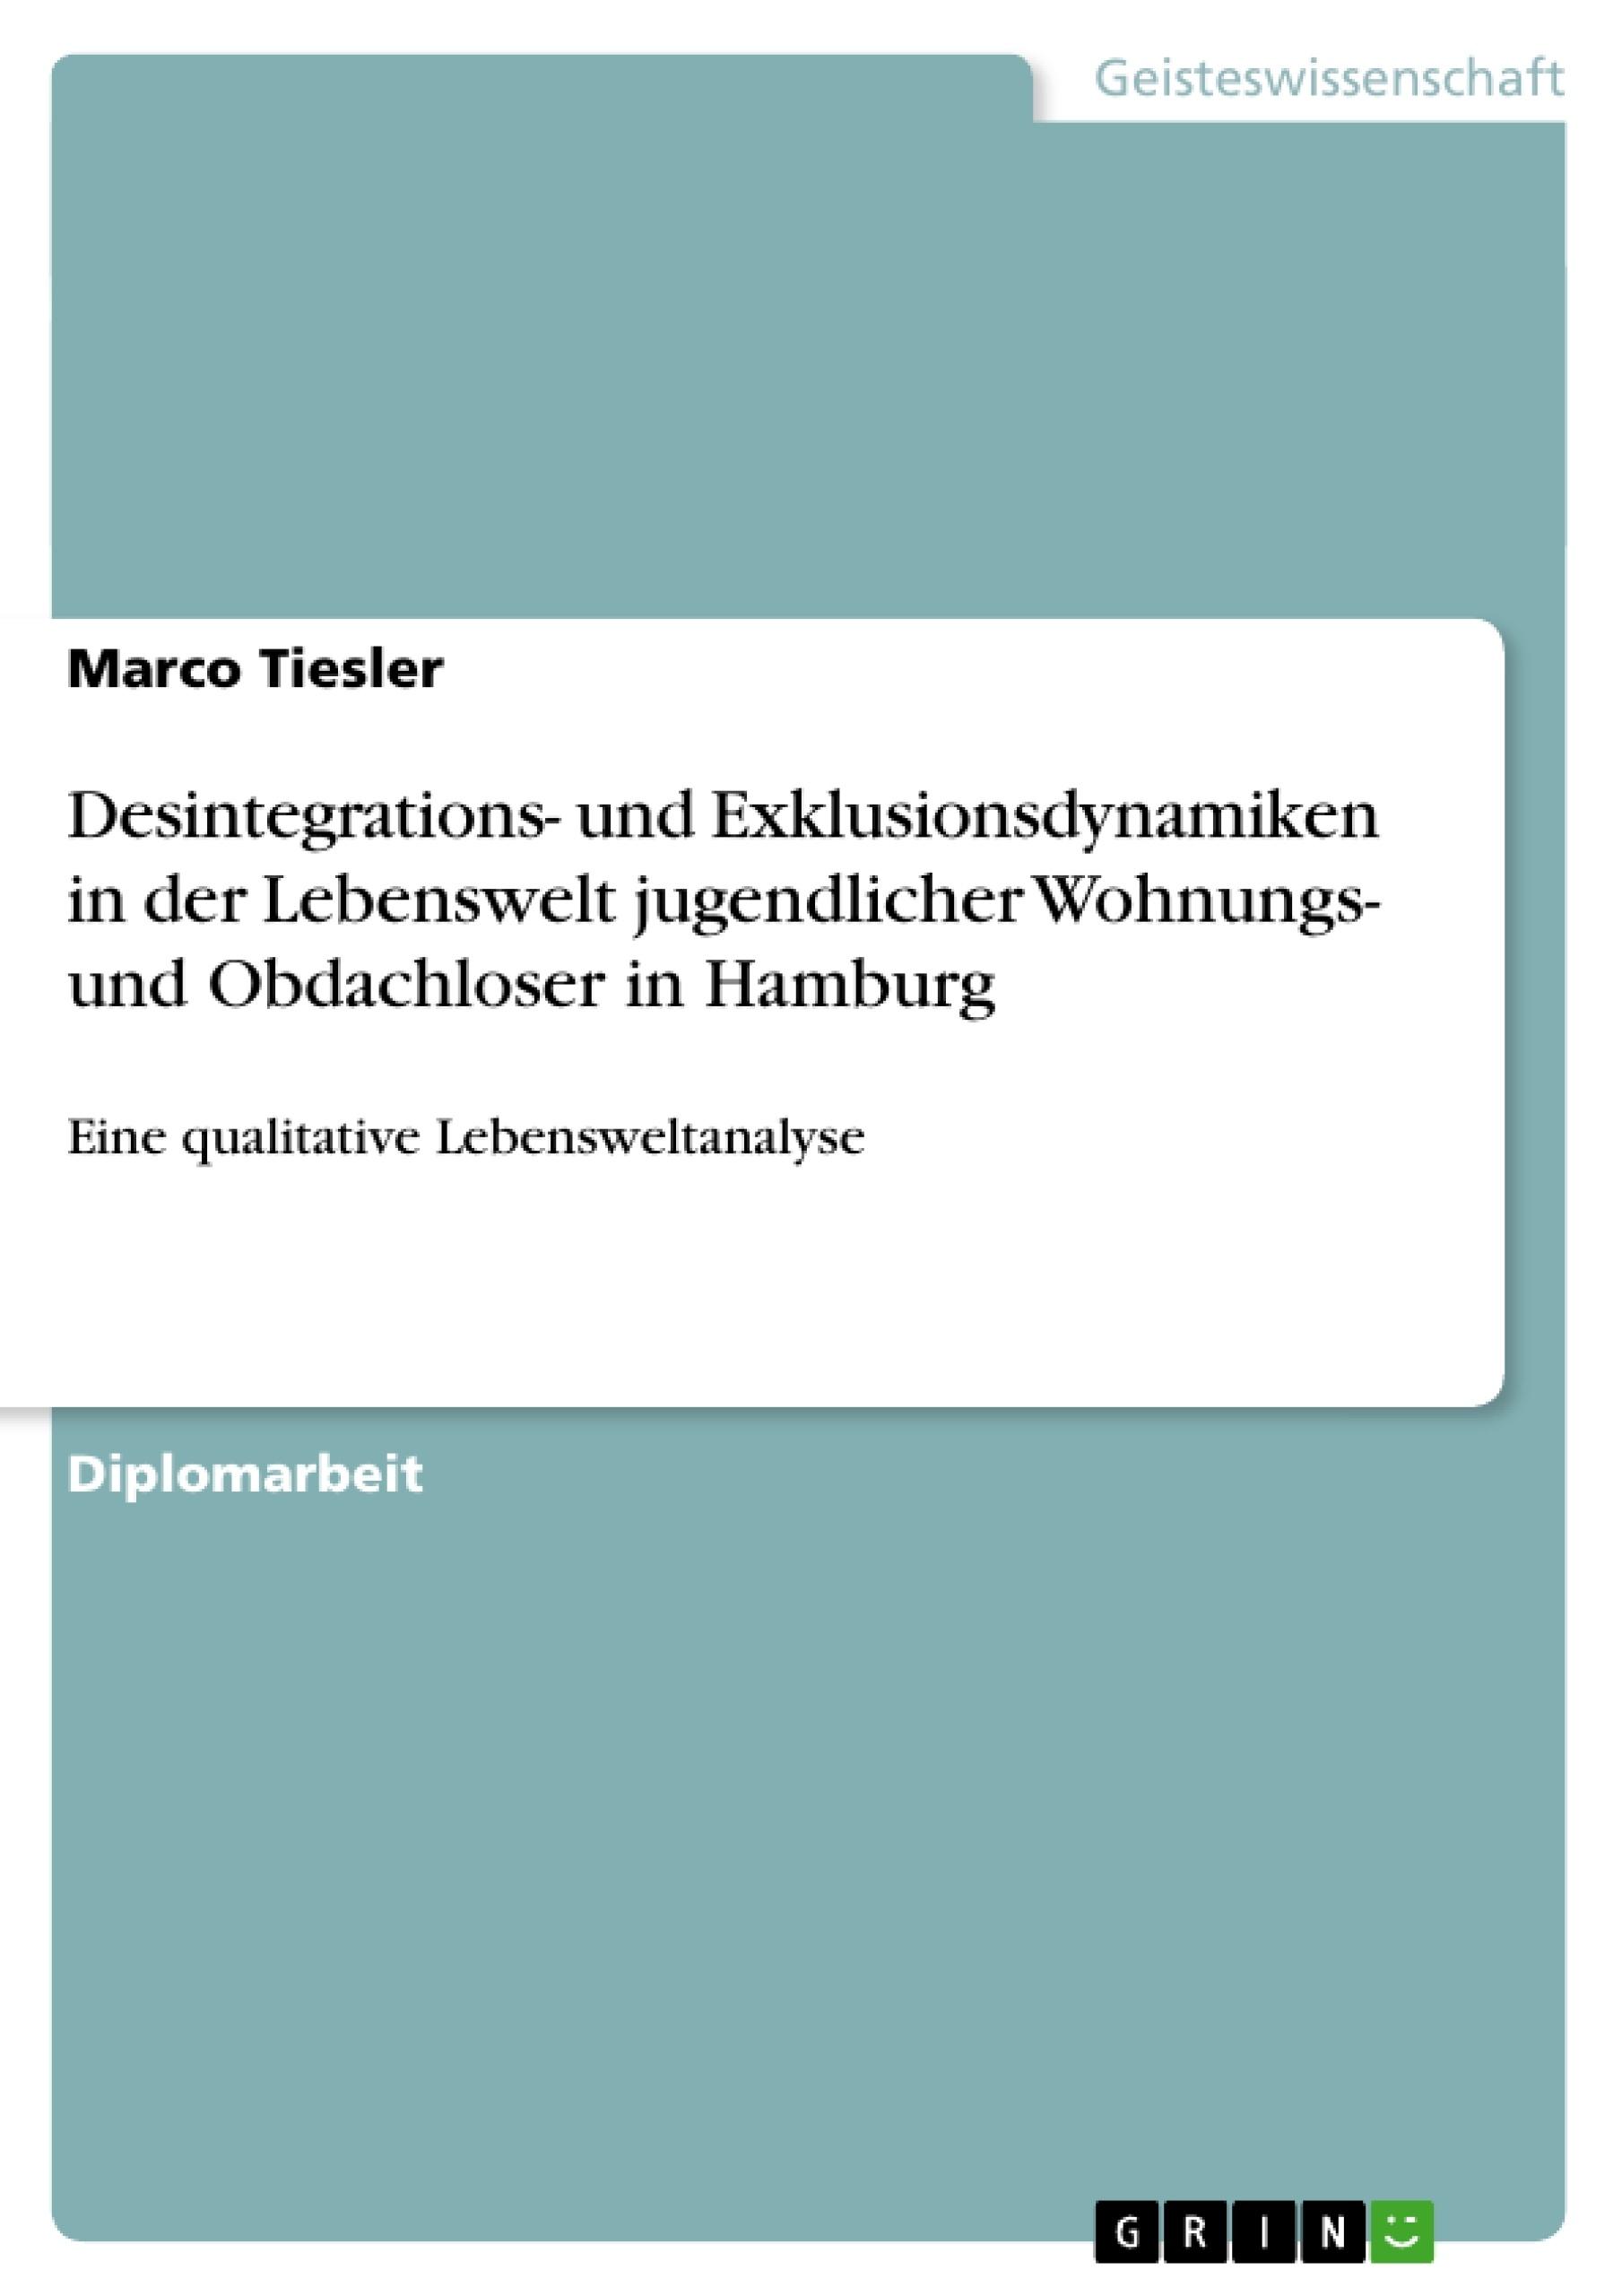 Titel: Desintegrations- und Exklusionsdynamiken in der Lebenswelt jugendlicher Wohnungs- und Obdachloser in Hamburg